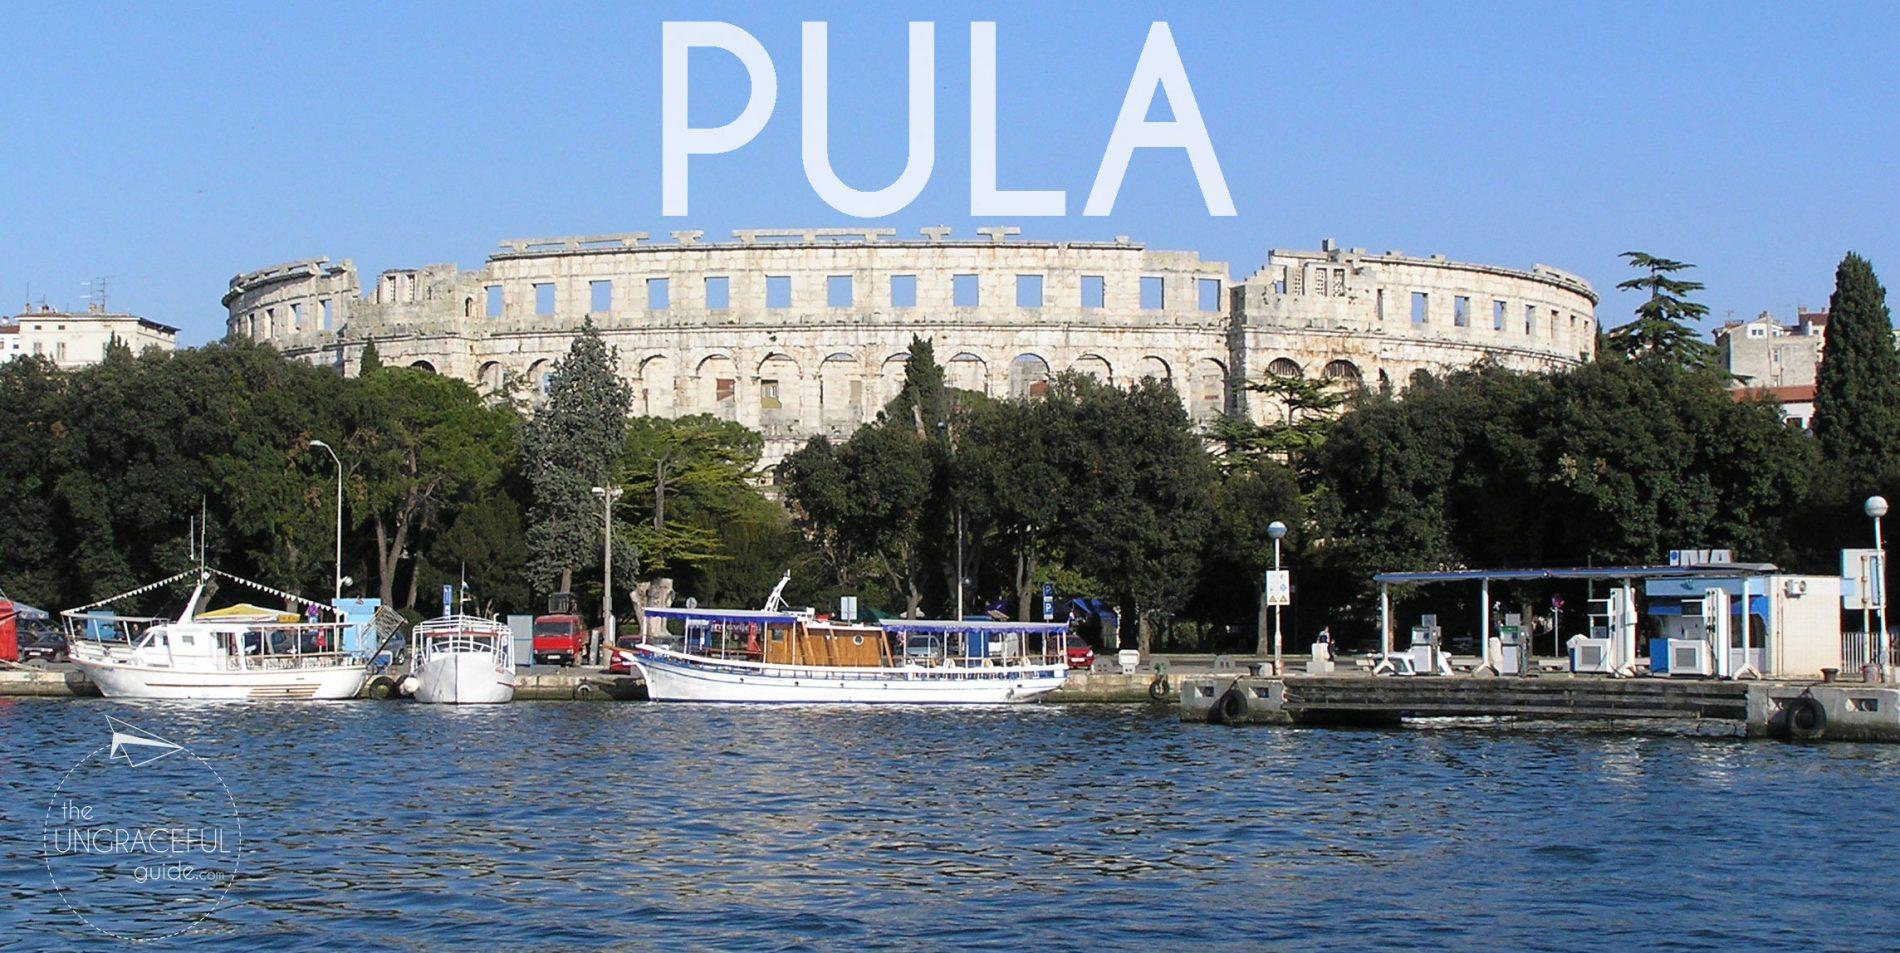 """<img src=""""data:image/gif;base64,R0lGODdhAQABAPAAAP///wAAACwAAAAAAQABAEACAkQBADs="""" data-lazy-src=""""images/"""" width=""""800"""" height=""""600"""" alt=""""pula - PULA - The 3000 Year Old City of Pula"""">"""